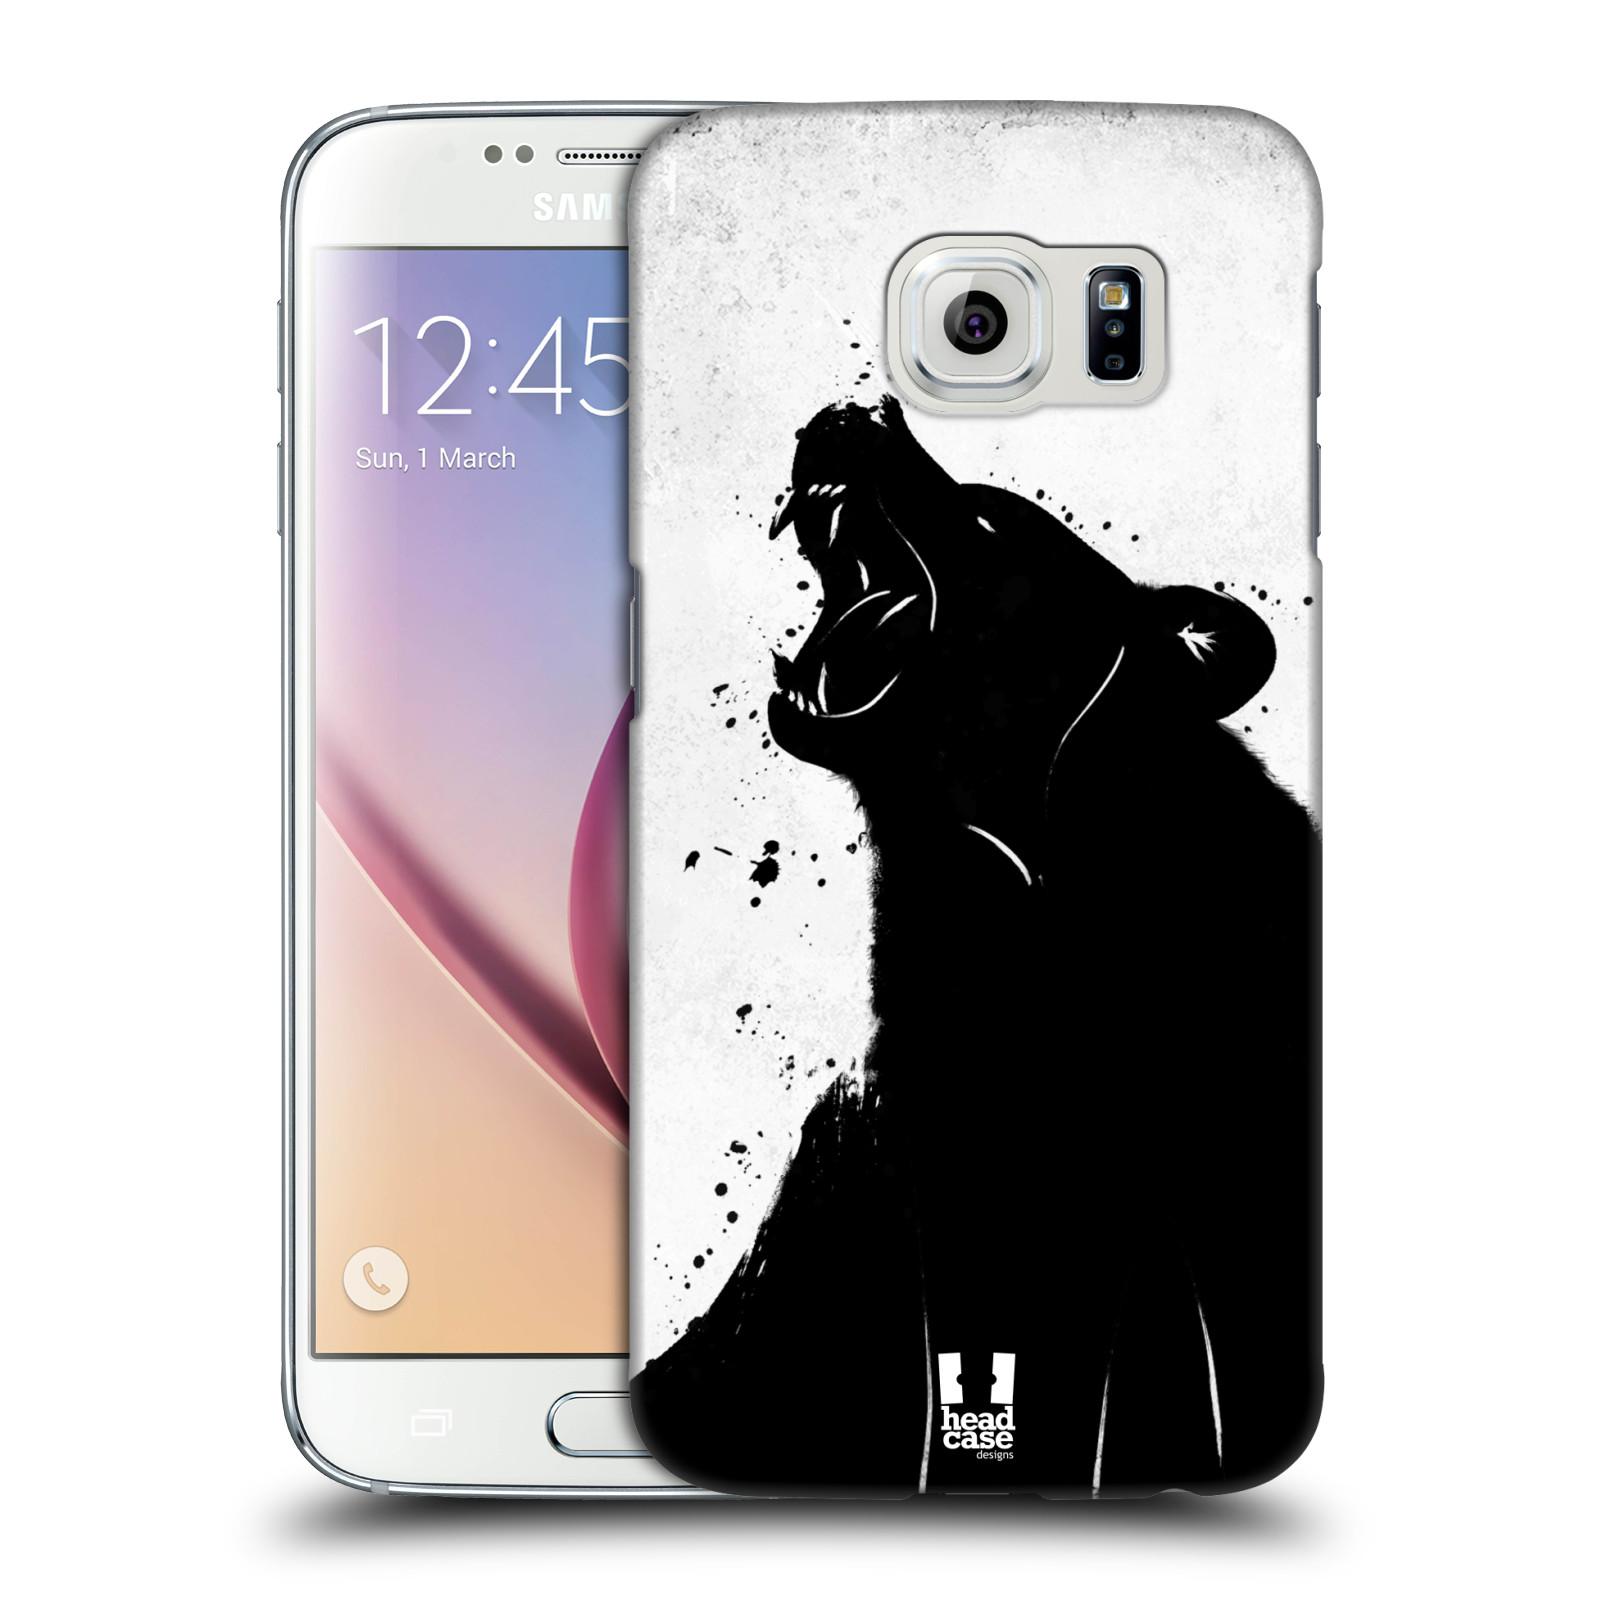 HEAD CASE plastový obal na mobil SAMSUNG Galaxy S6 (G9200, G920F) vzor Kresba tuš zvíře medvěd